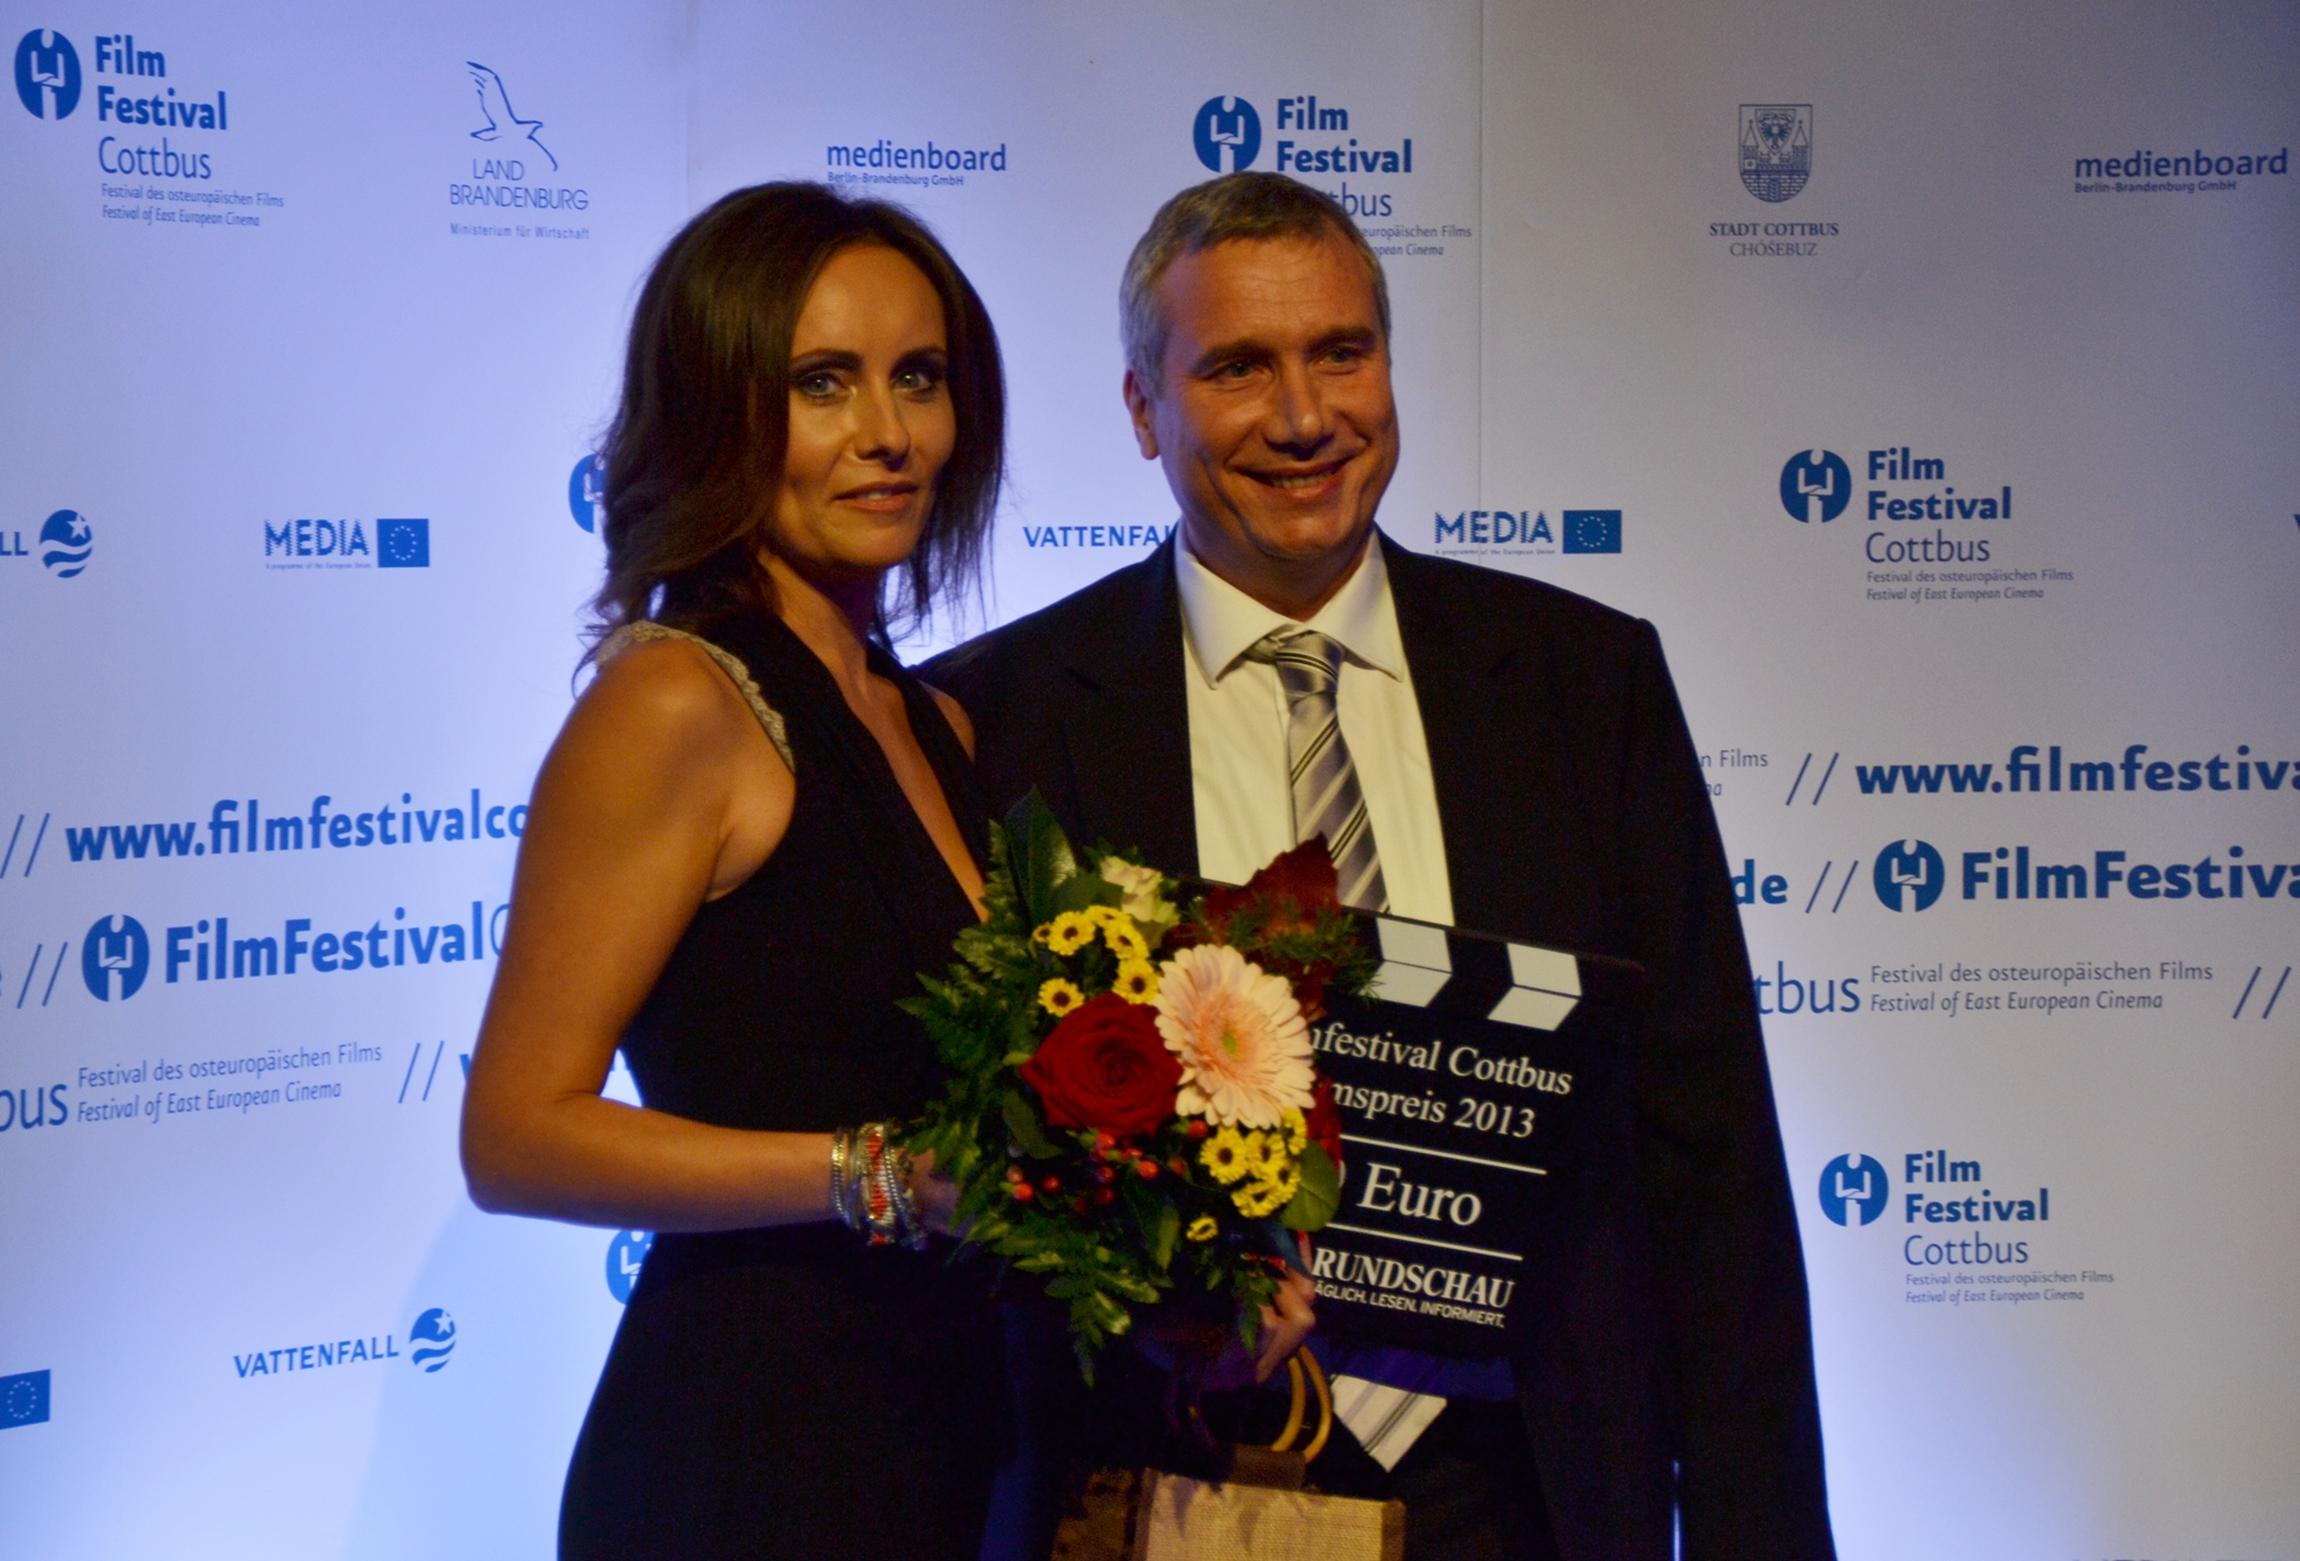 Elisabeth Duda, Hauptdarstellerin von Lauf, Junge lauf und Jurymitglied bei der Preisverleihung - Foto: St. B.